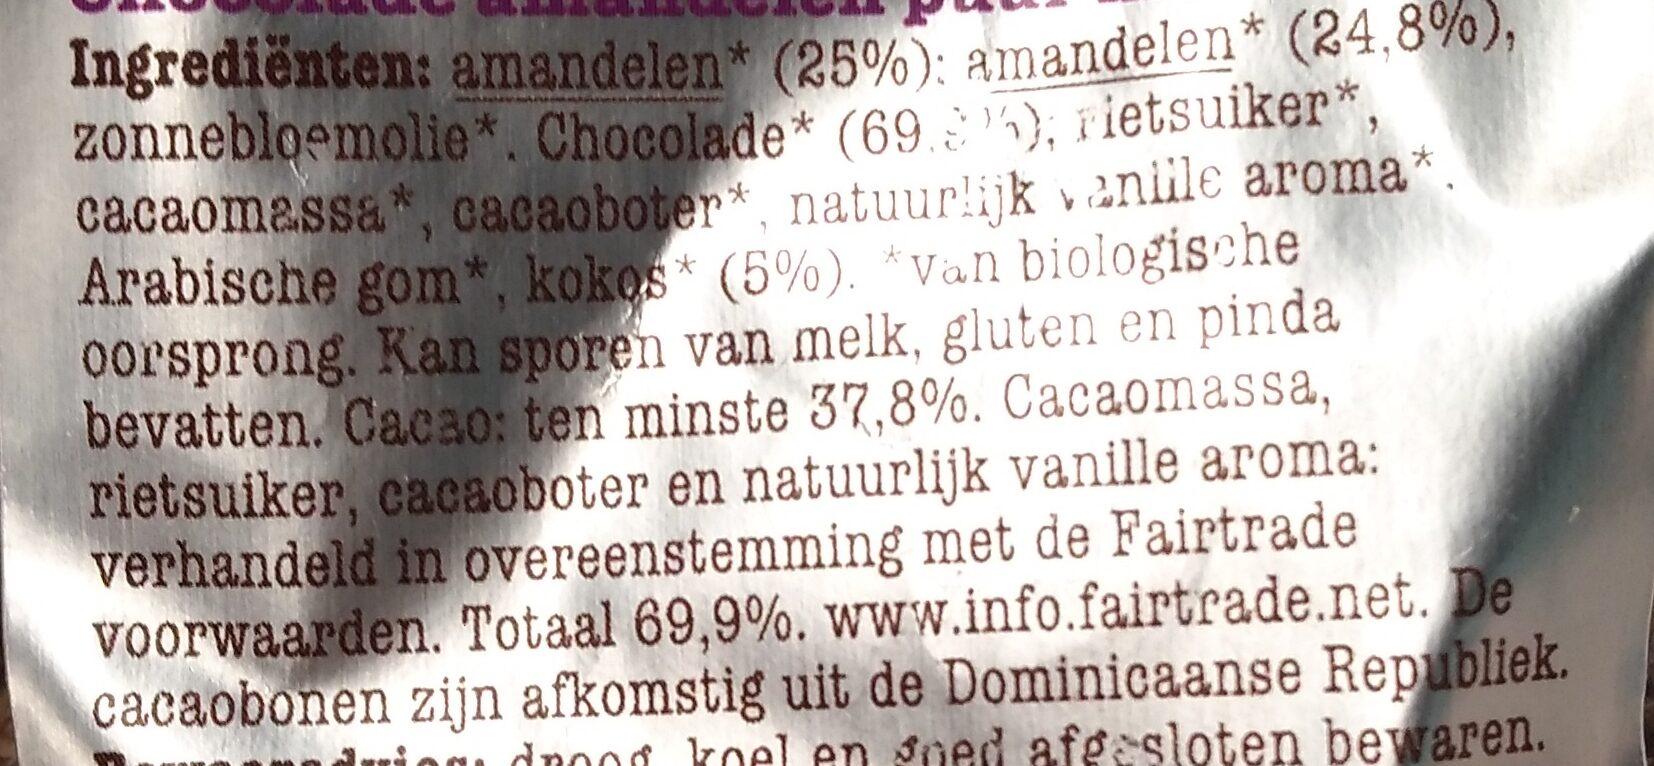 Chocolade amandelen puur met kokos - Ingrediënten - nl